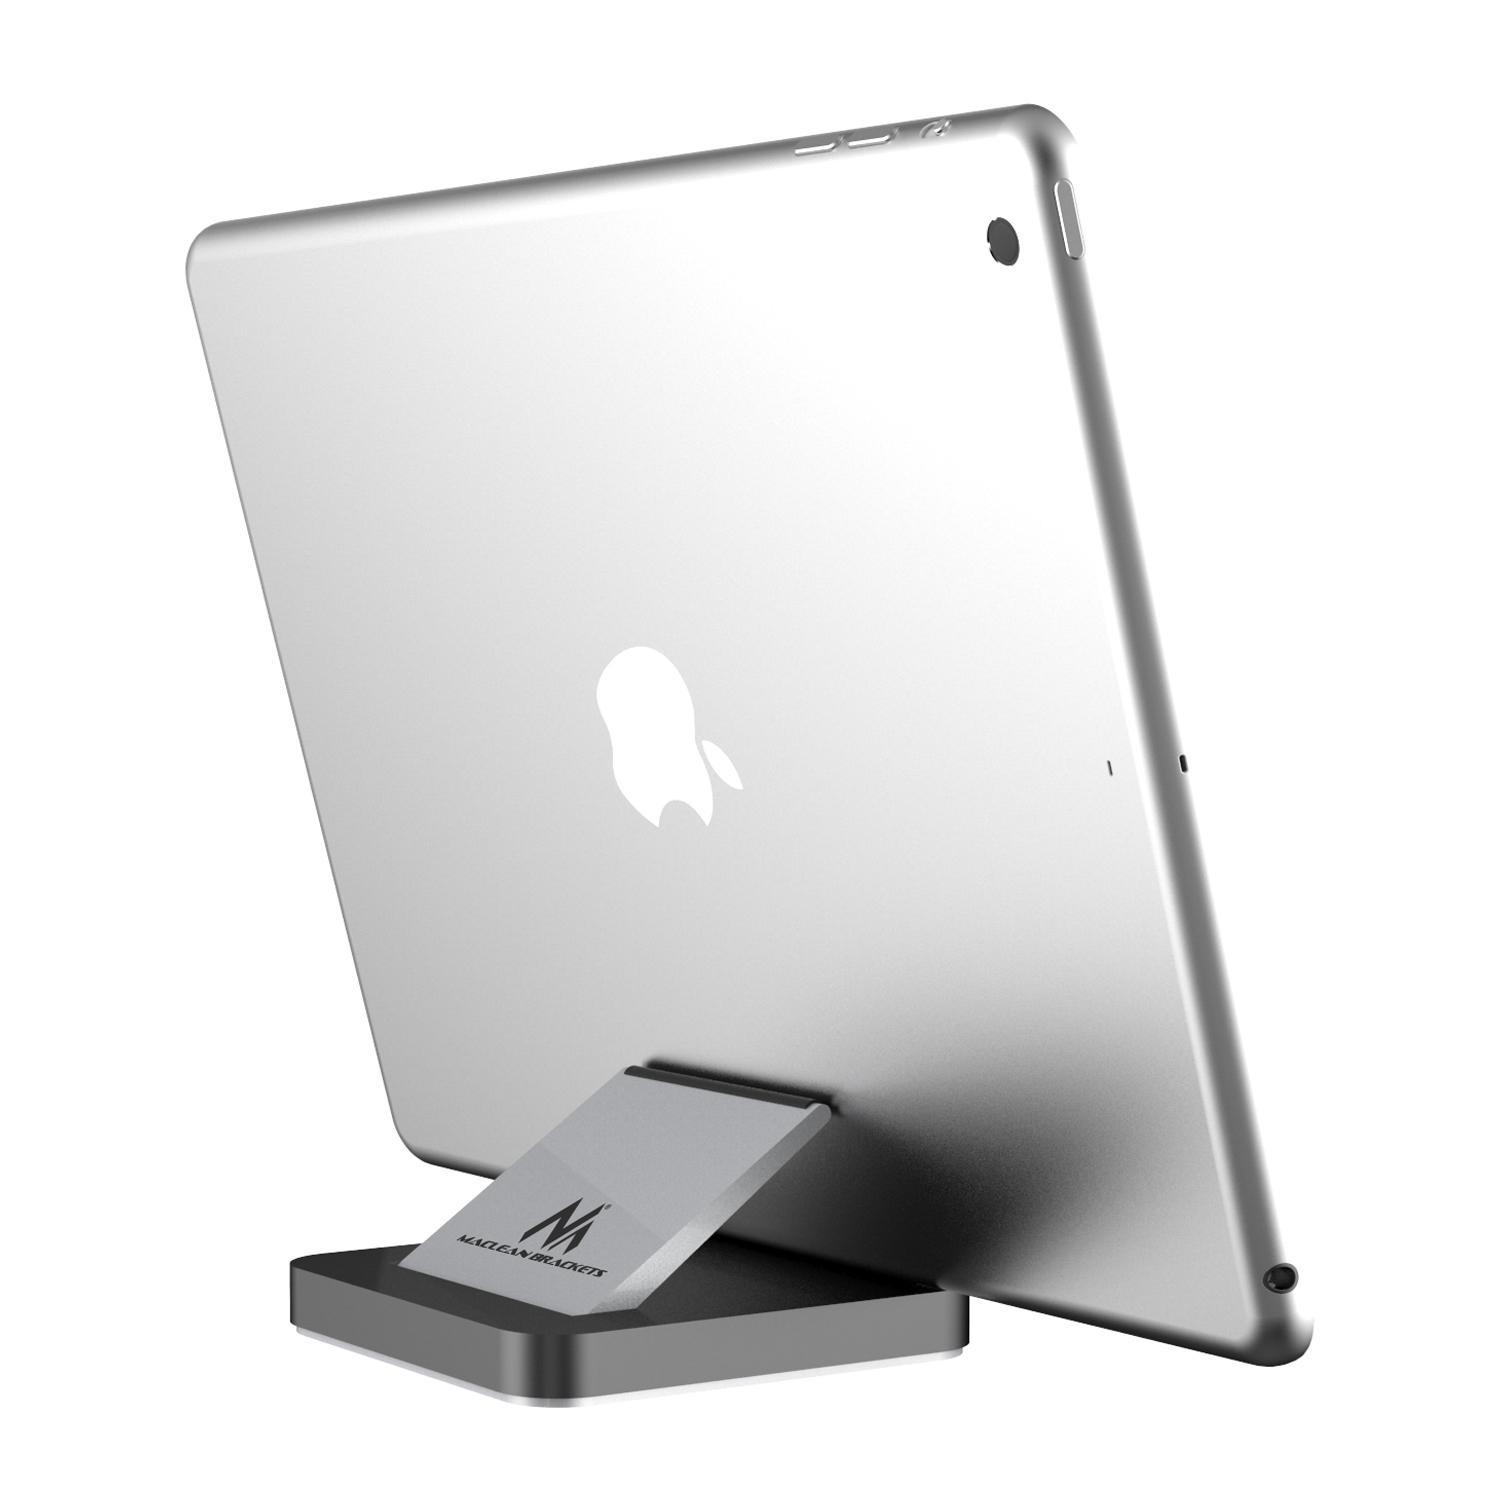 Hliníkový podstavec na tablet nebo telefon Fiber Mounts MC745 (Luxusní designový stolní podstavec na tablet nebo mobilní telefon)